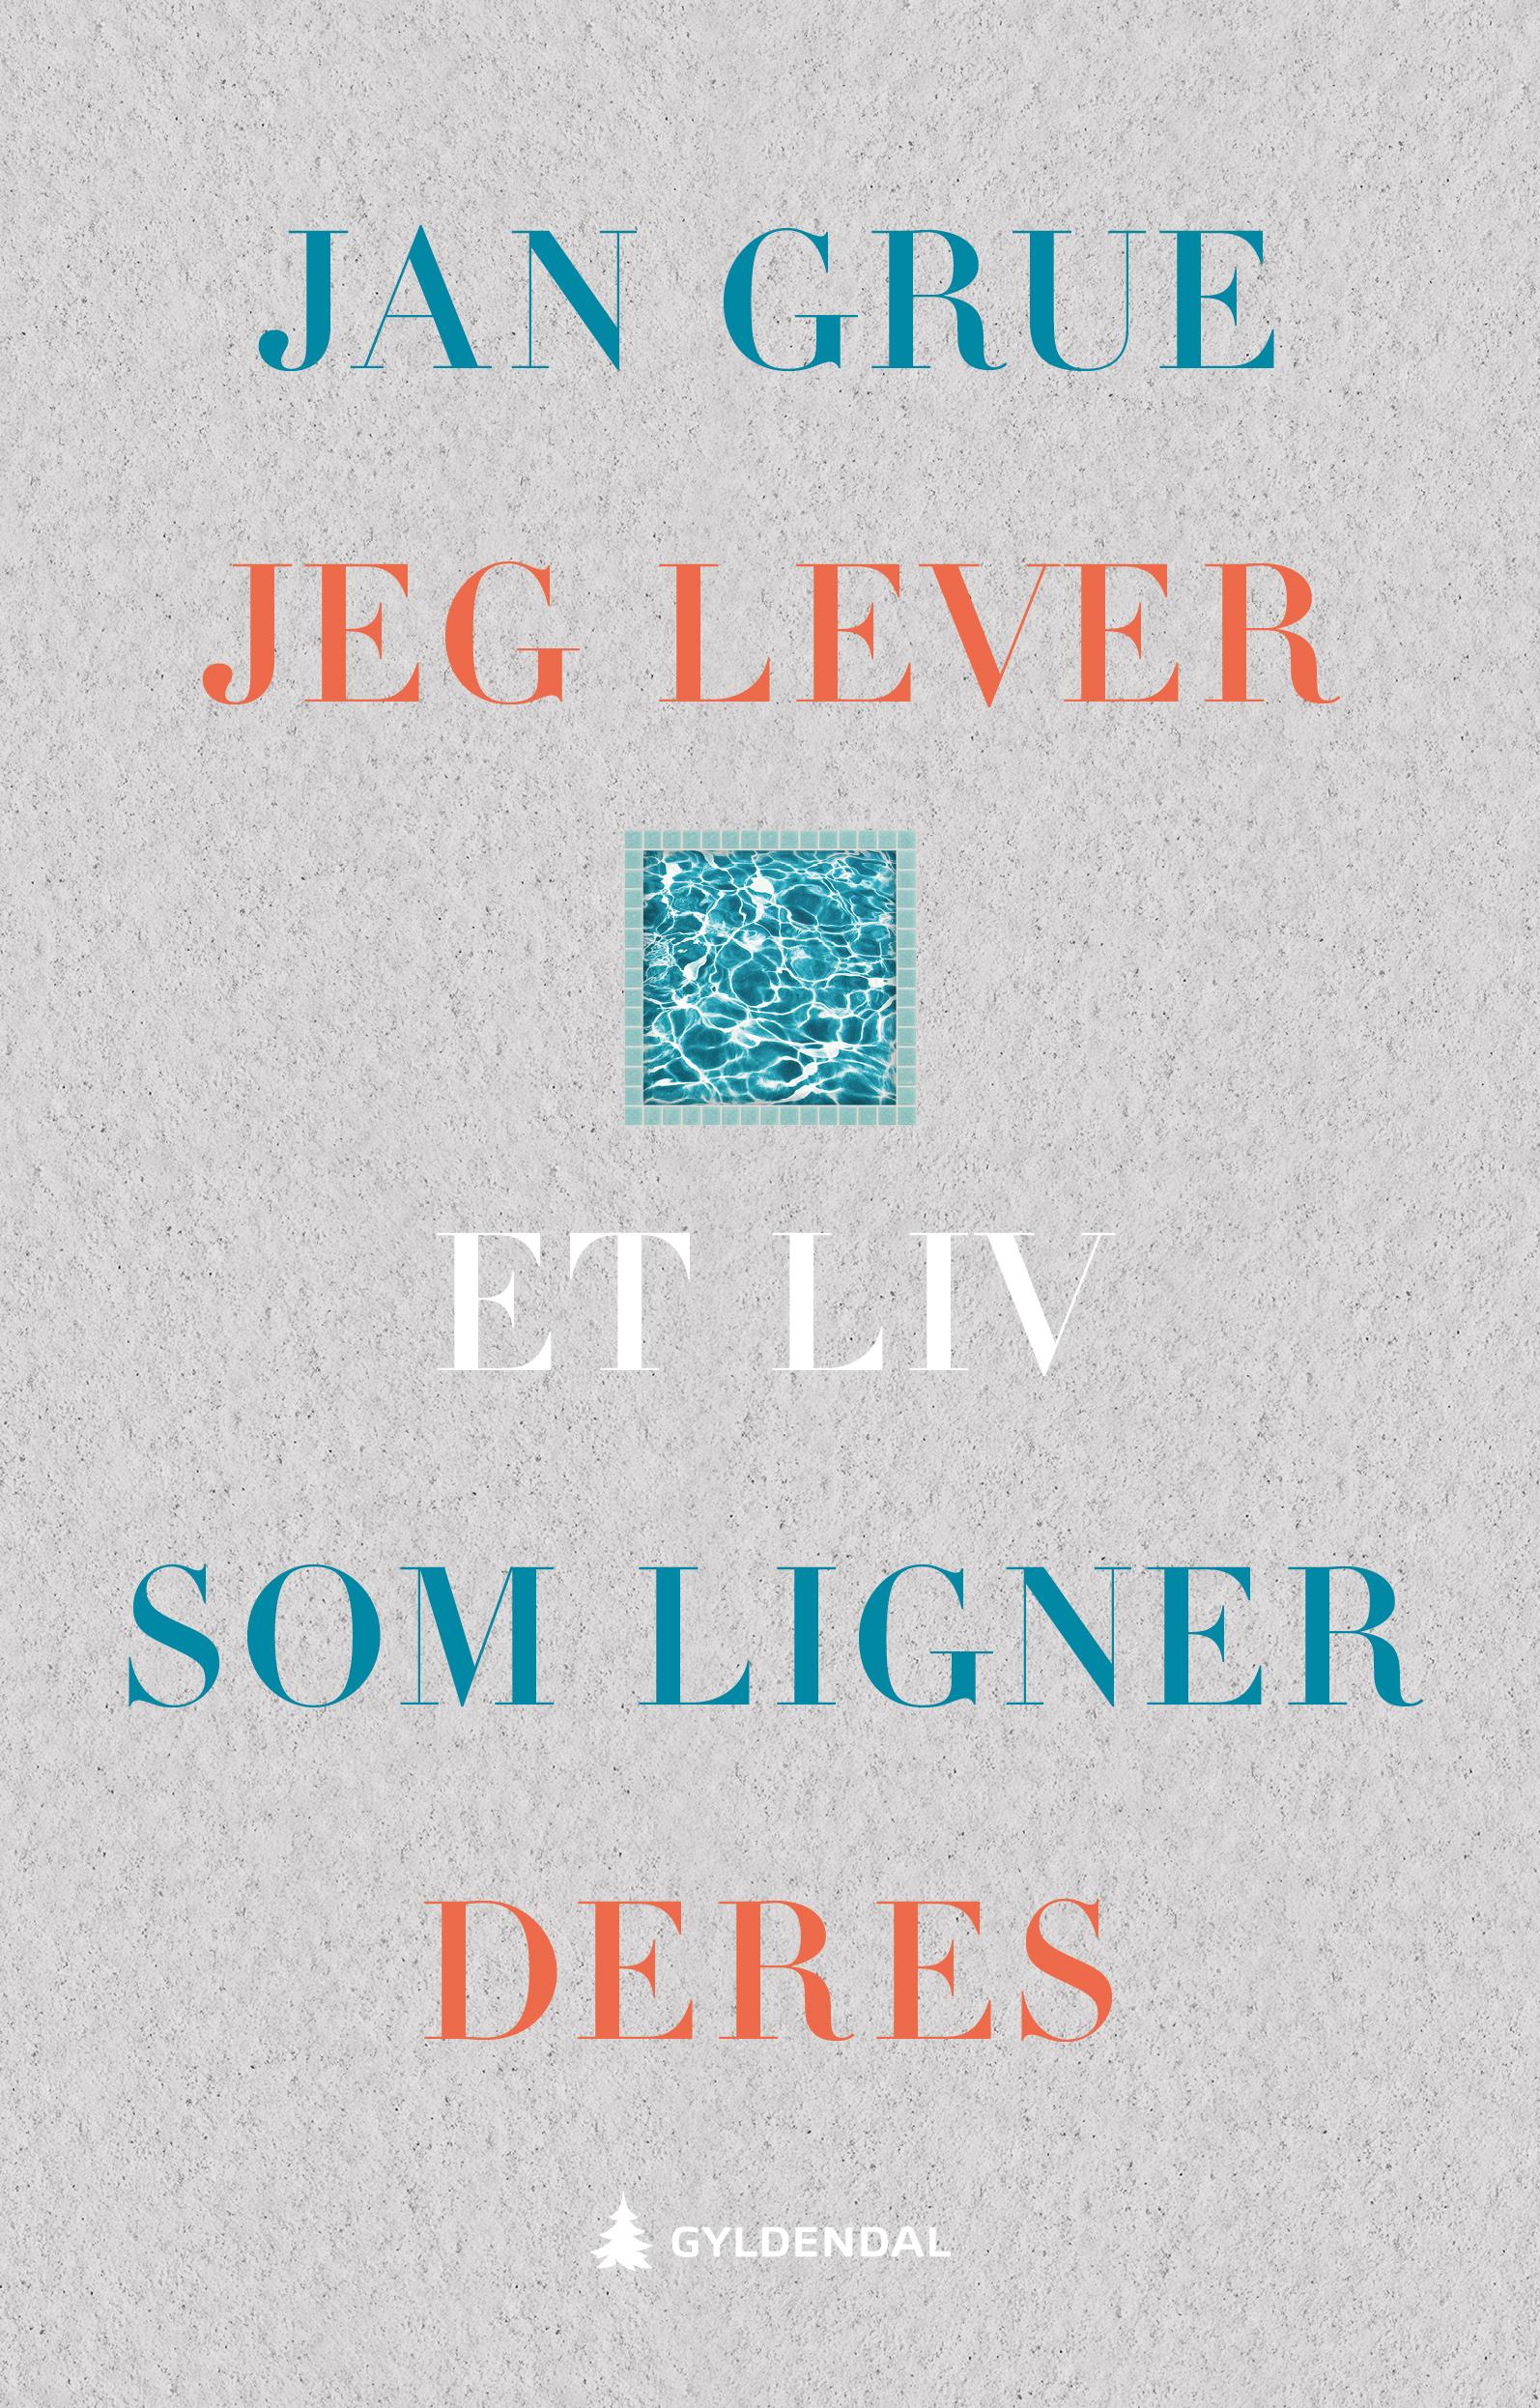 Jeg-lever-et-liv-som-ligner-deres_Fotokreditering-Gyldendal